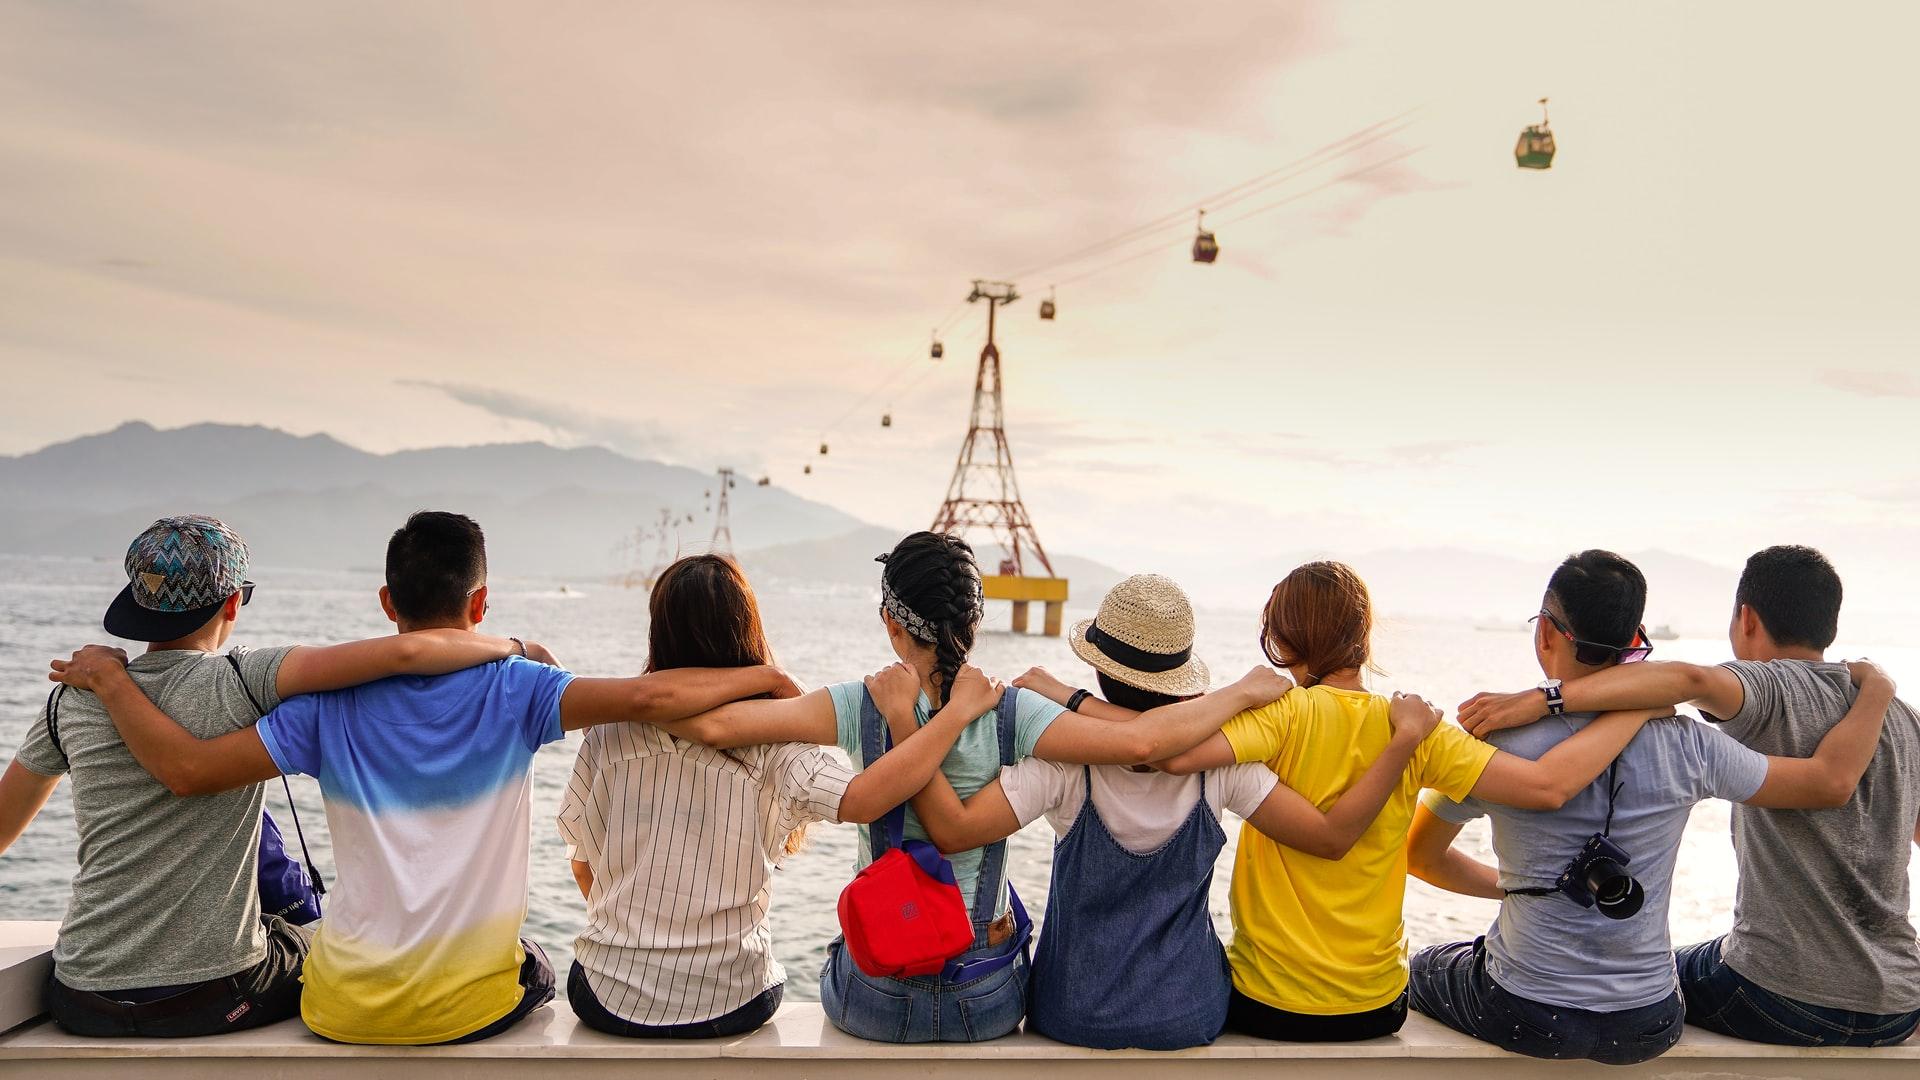 Nuevos perfiles y nuevas tendencias de los turistas – El nuevo turista quiere pertenecer, no ver